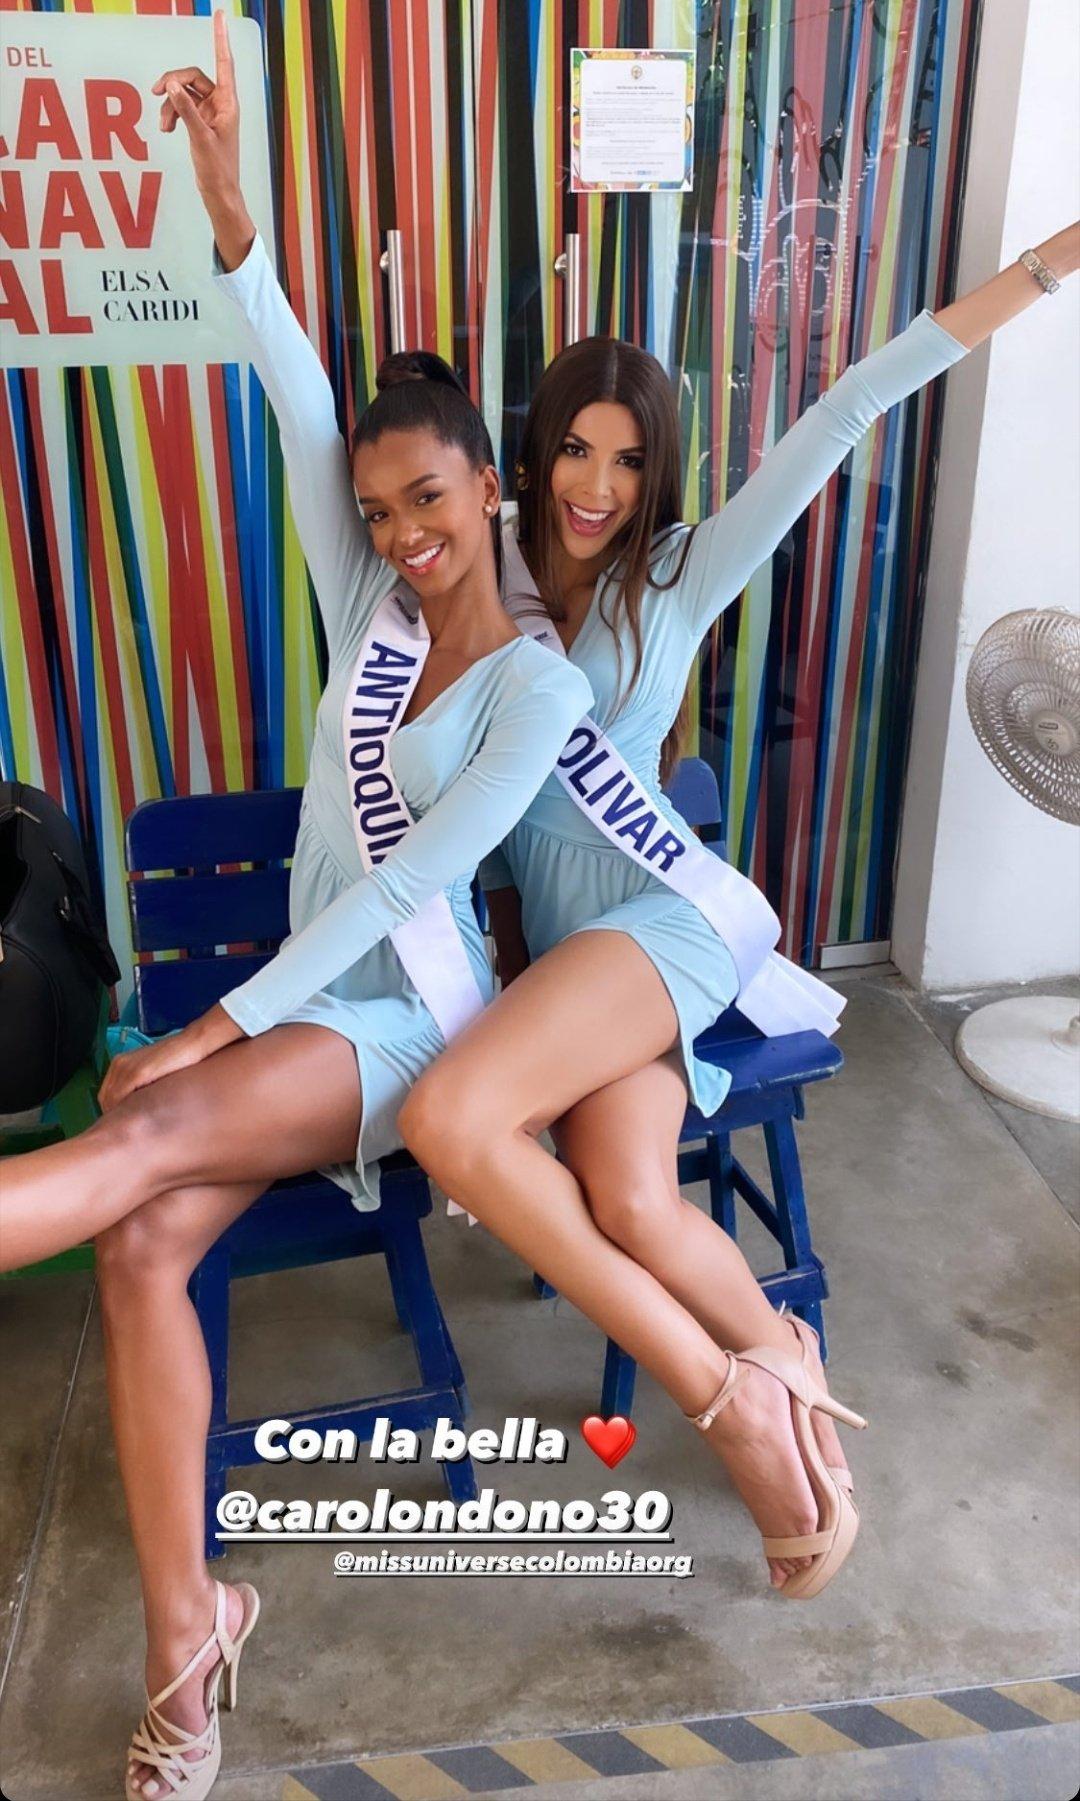 carolina londono, top 16 de miss colombia universo 2020. - Página 3 Emo2re10